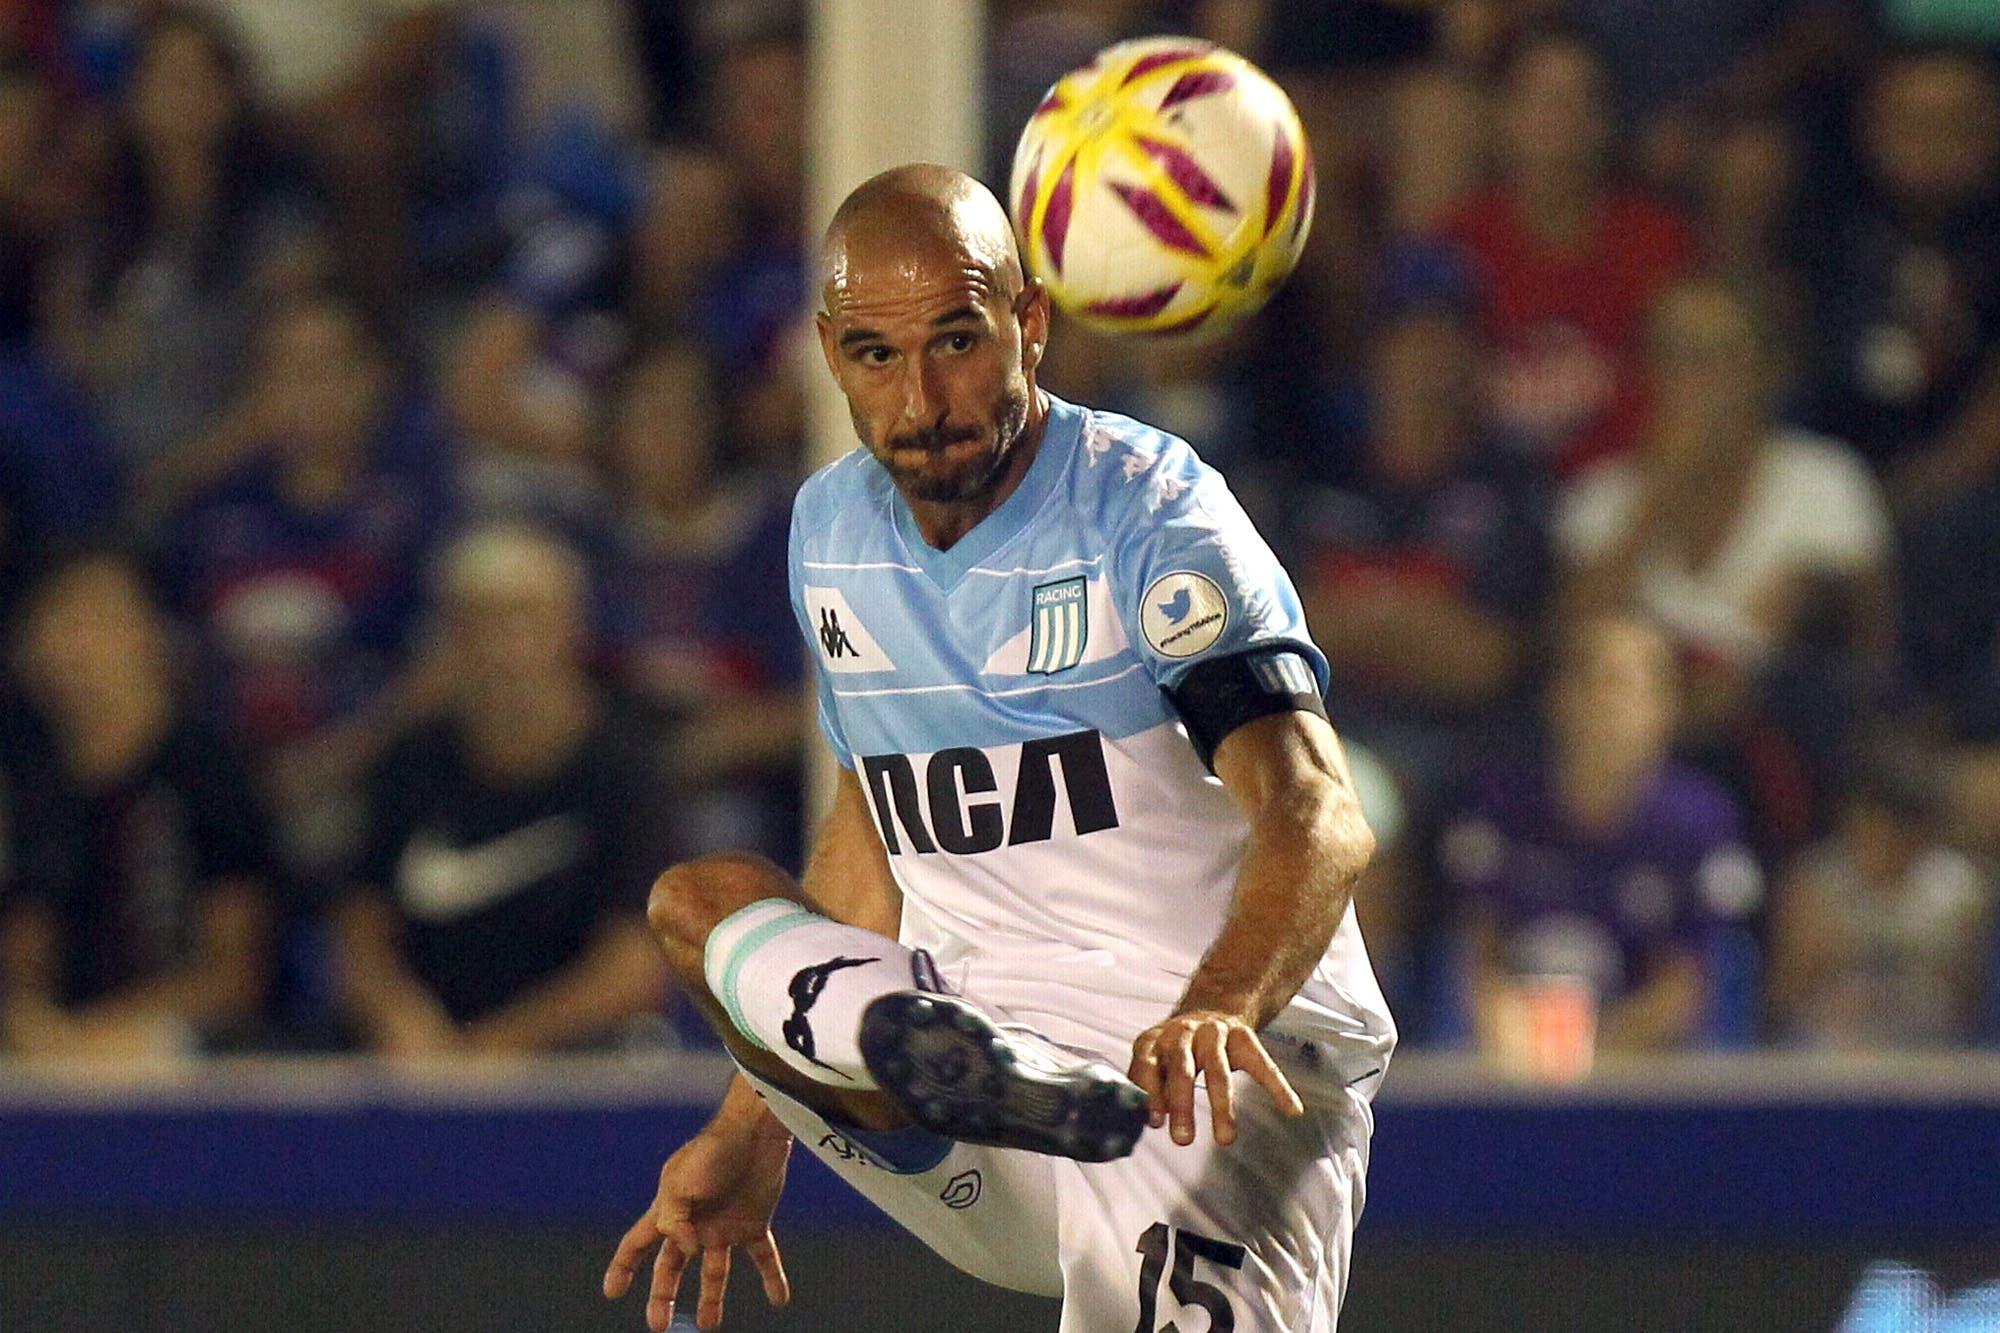 Racing-Tigre, por la Copa de la Superliga: horario, TV y formaciones